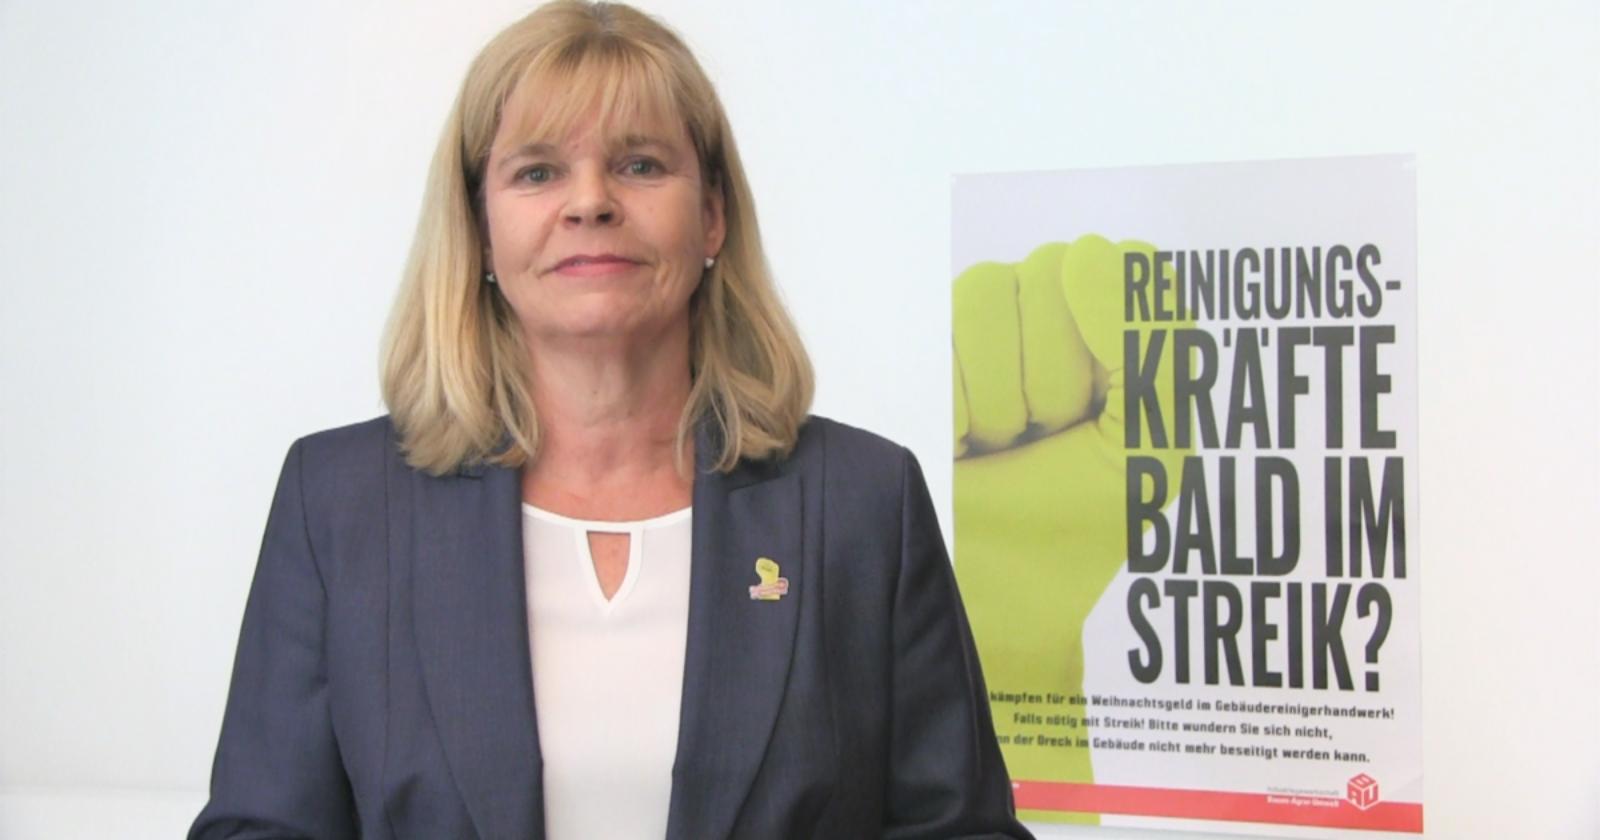 Videobotschaft an die Streikenden - Danke für Euren Einsatz!